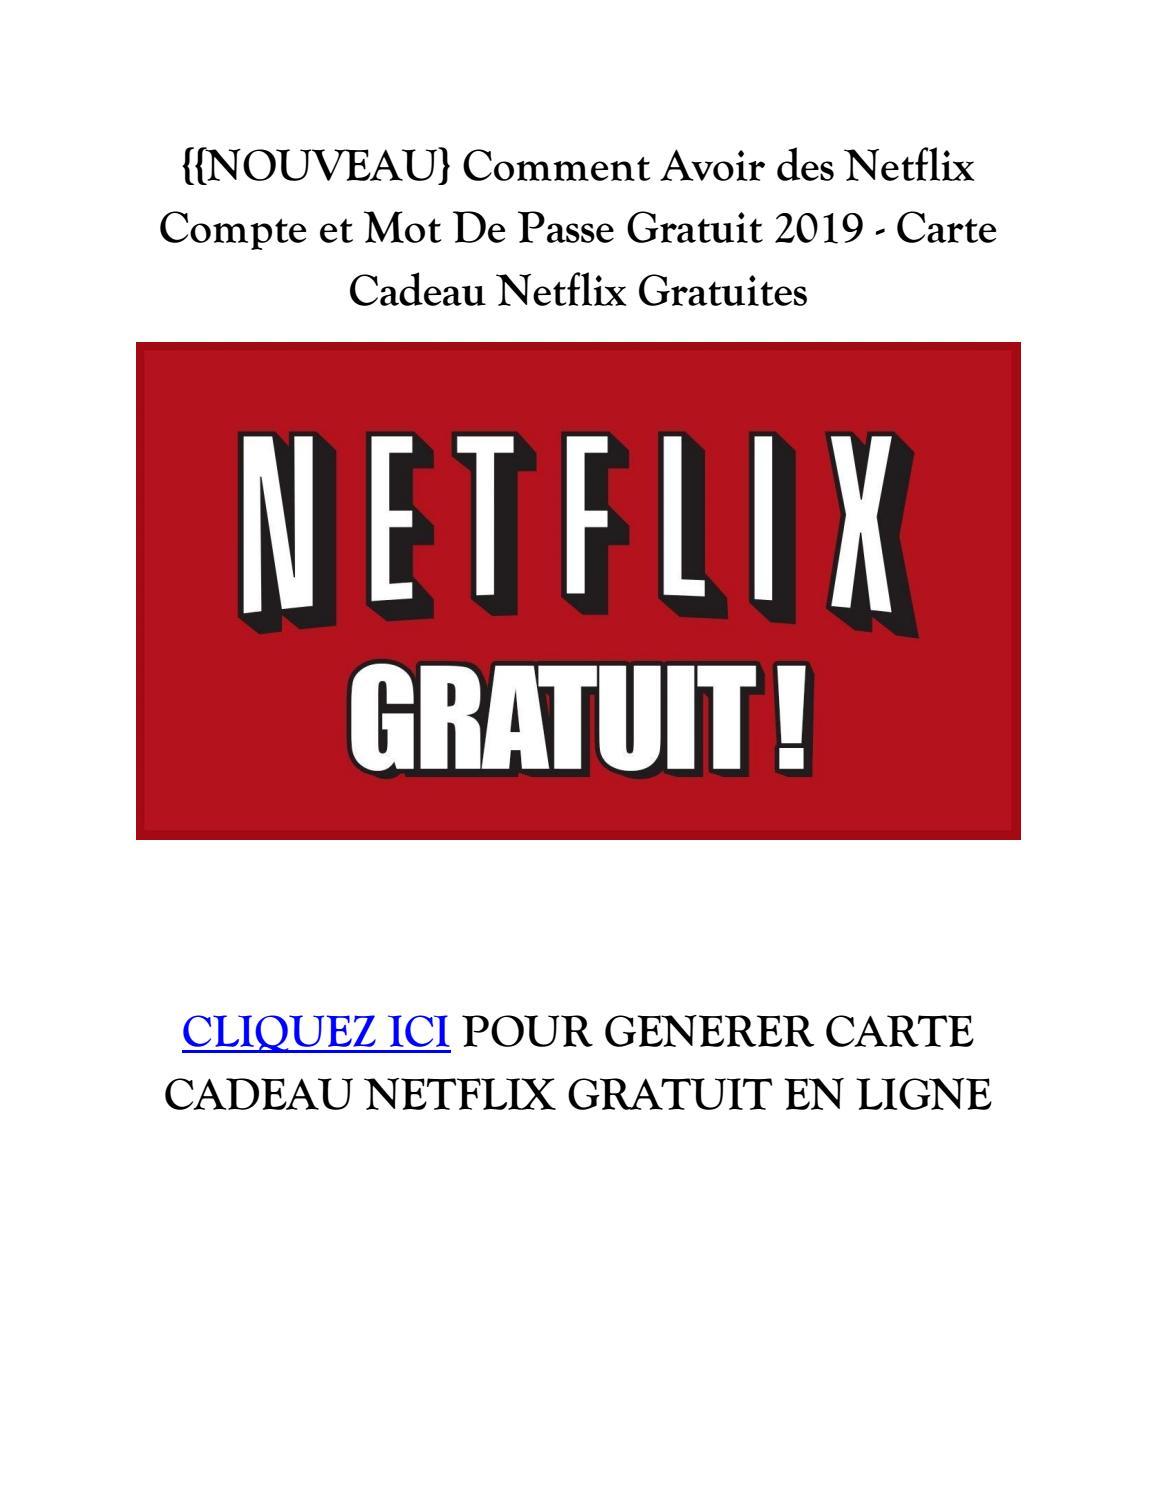 Carte Cadeau Netflix Gratuit 2019.Nouveau Netflix Comptes Gratuit 2019 Carte Cadeau